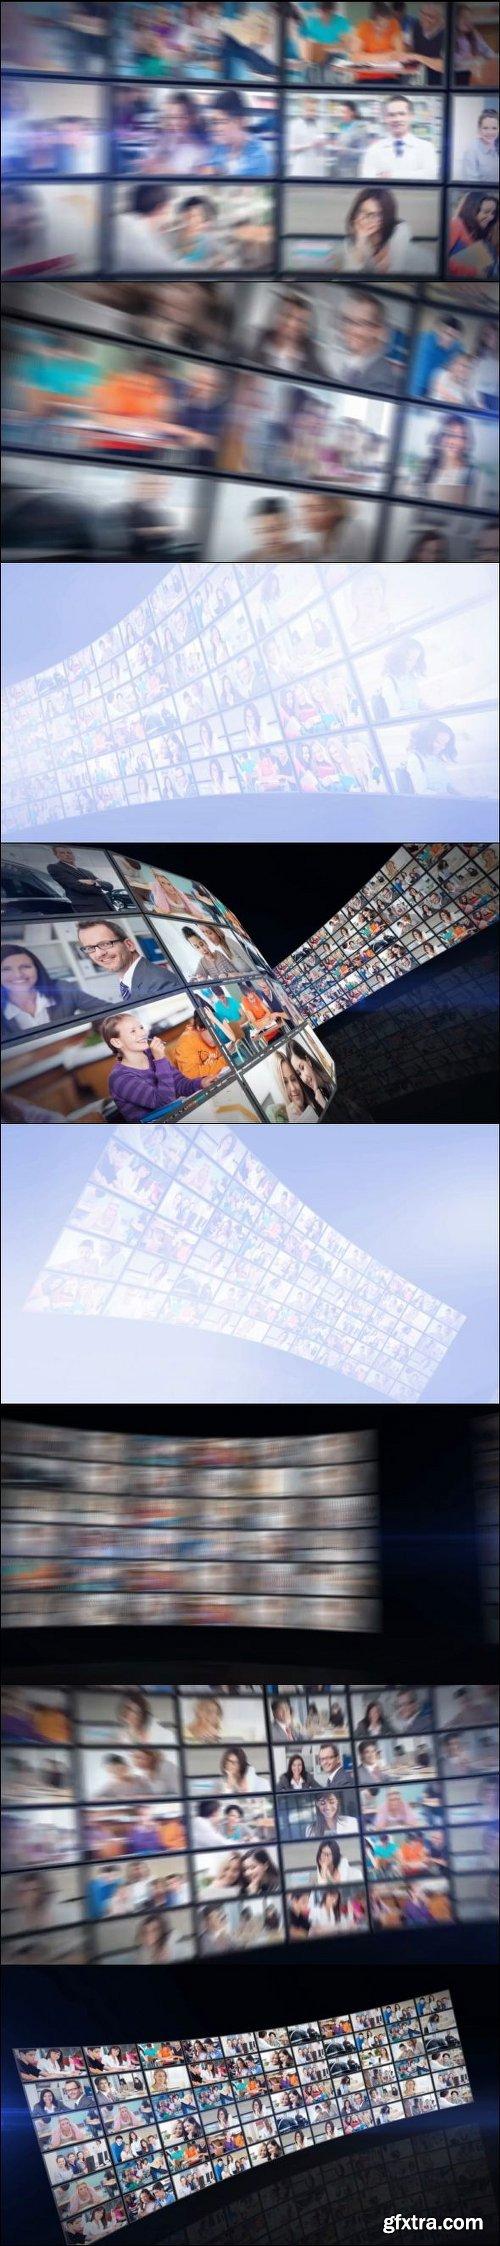 3D Video Wall